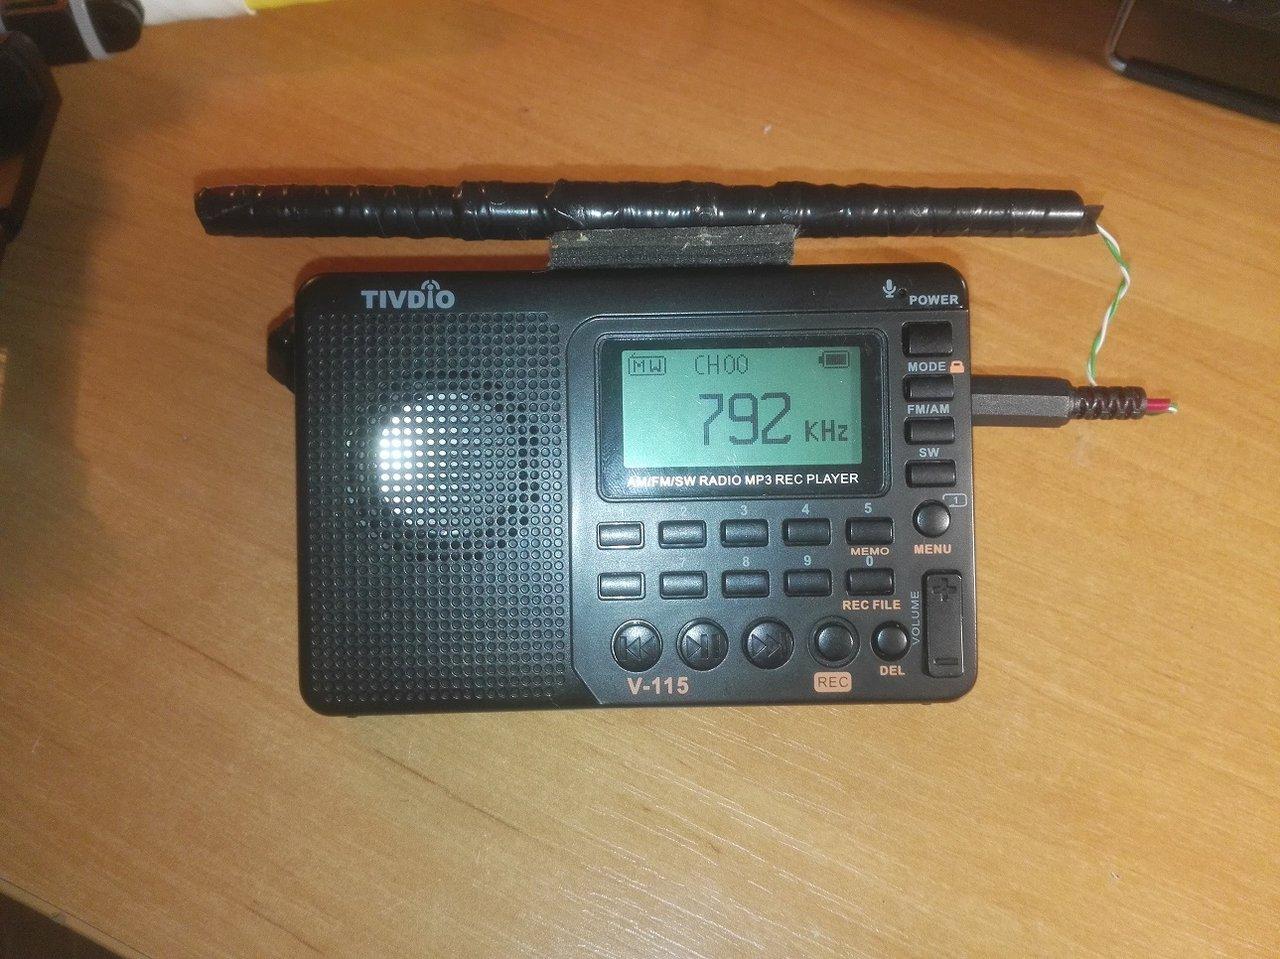 Поговорим о радио? DX форум. Форум о радио и DX. DXing.